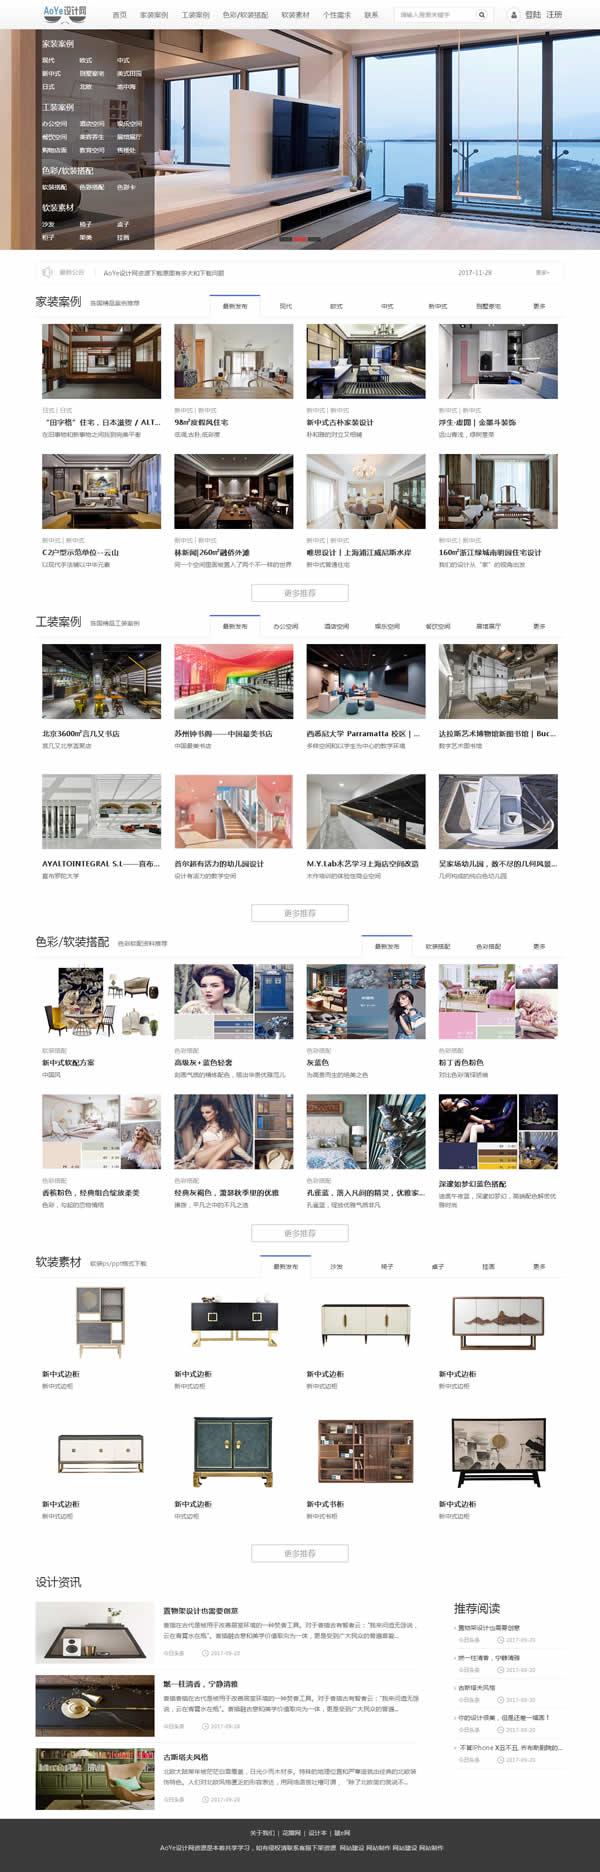 AoYe设计网.jpg